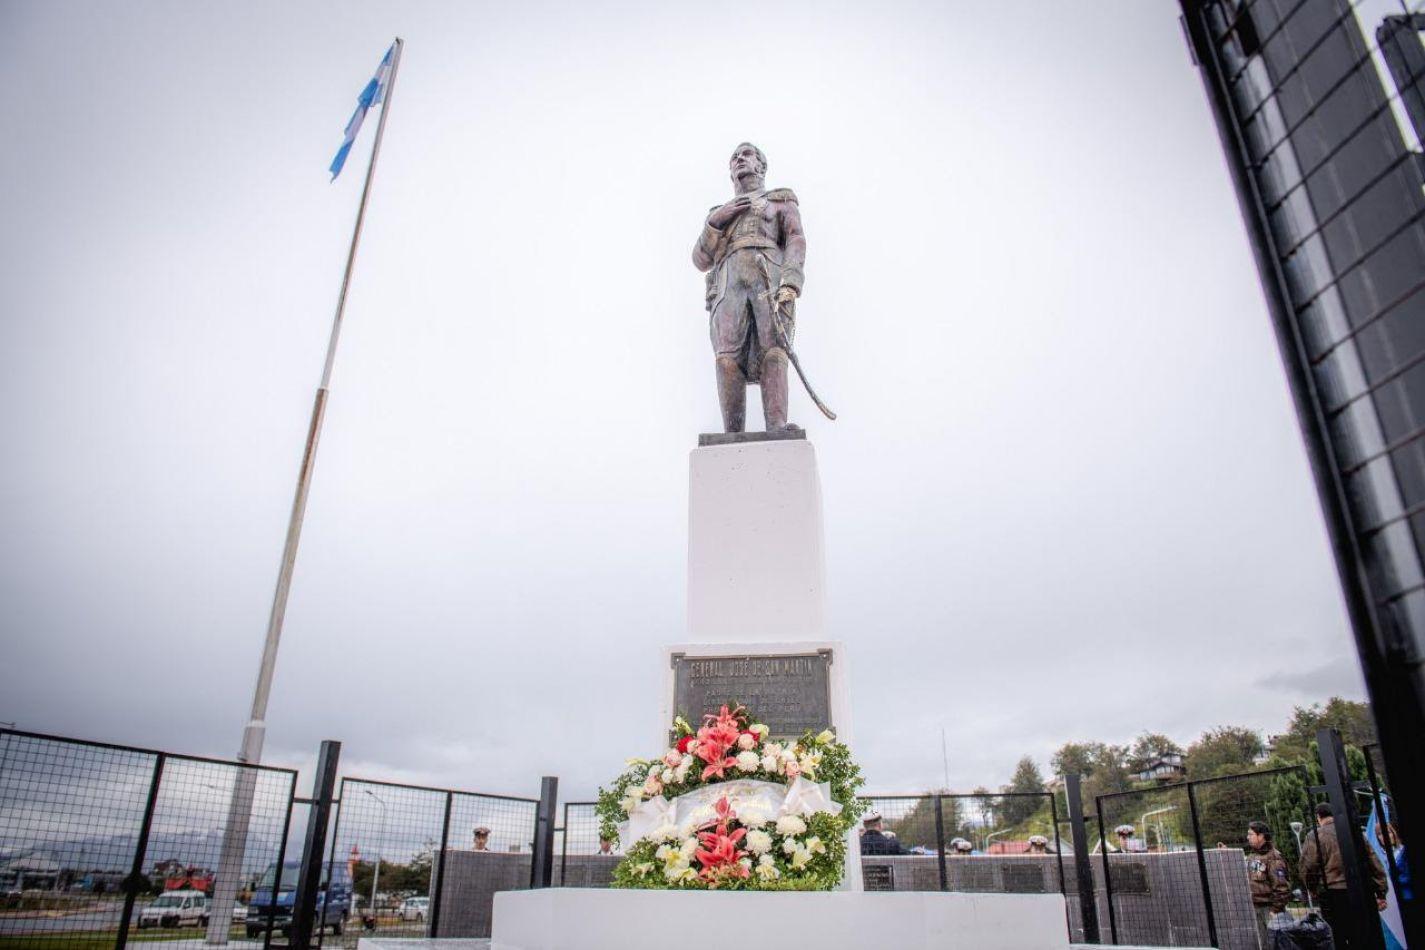 Acto conmemorativo por el aniversario del General San Martín